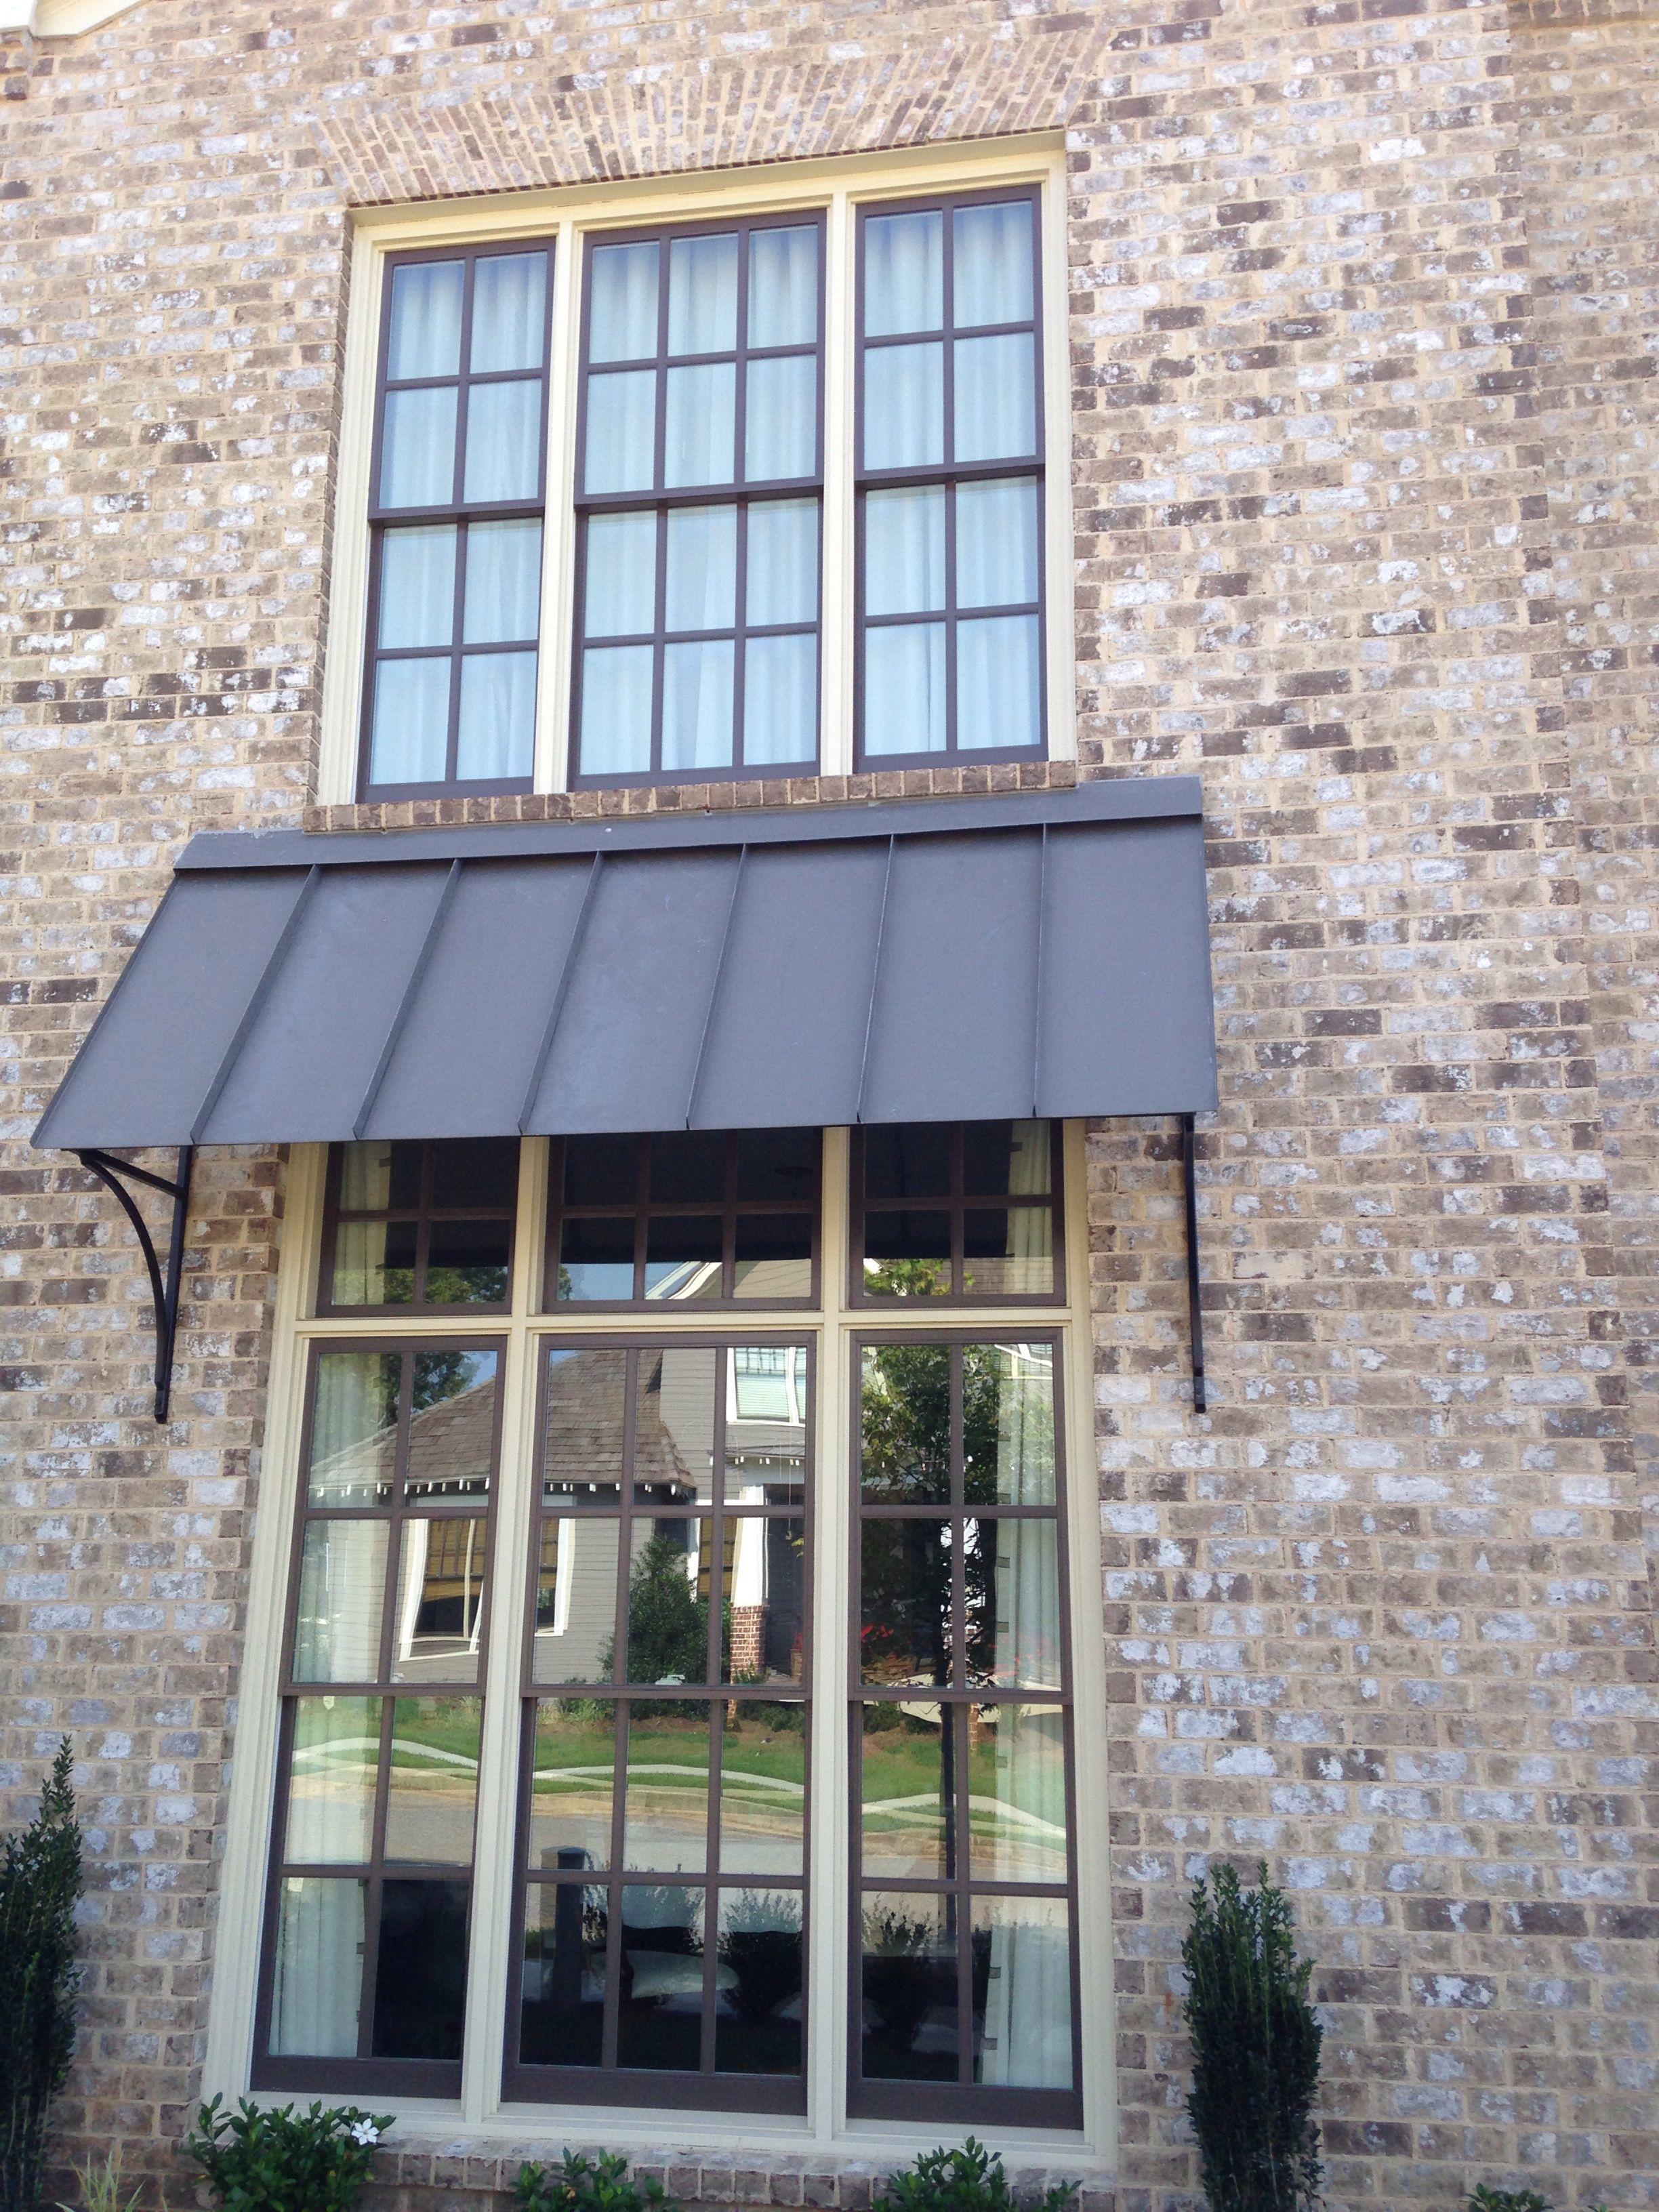 Brick Magnolia Ridge Mortar Coosa Cream Exterior Brick Metal Awning House Exterior